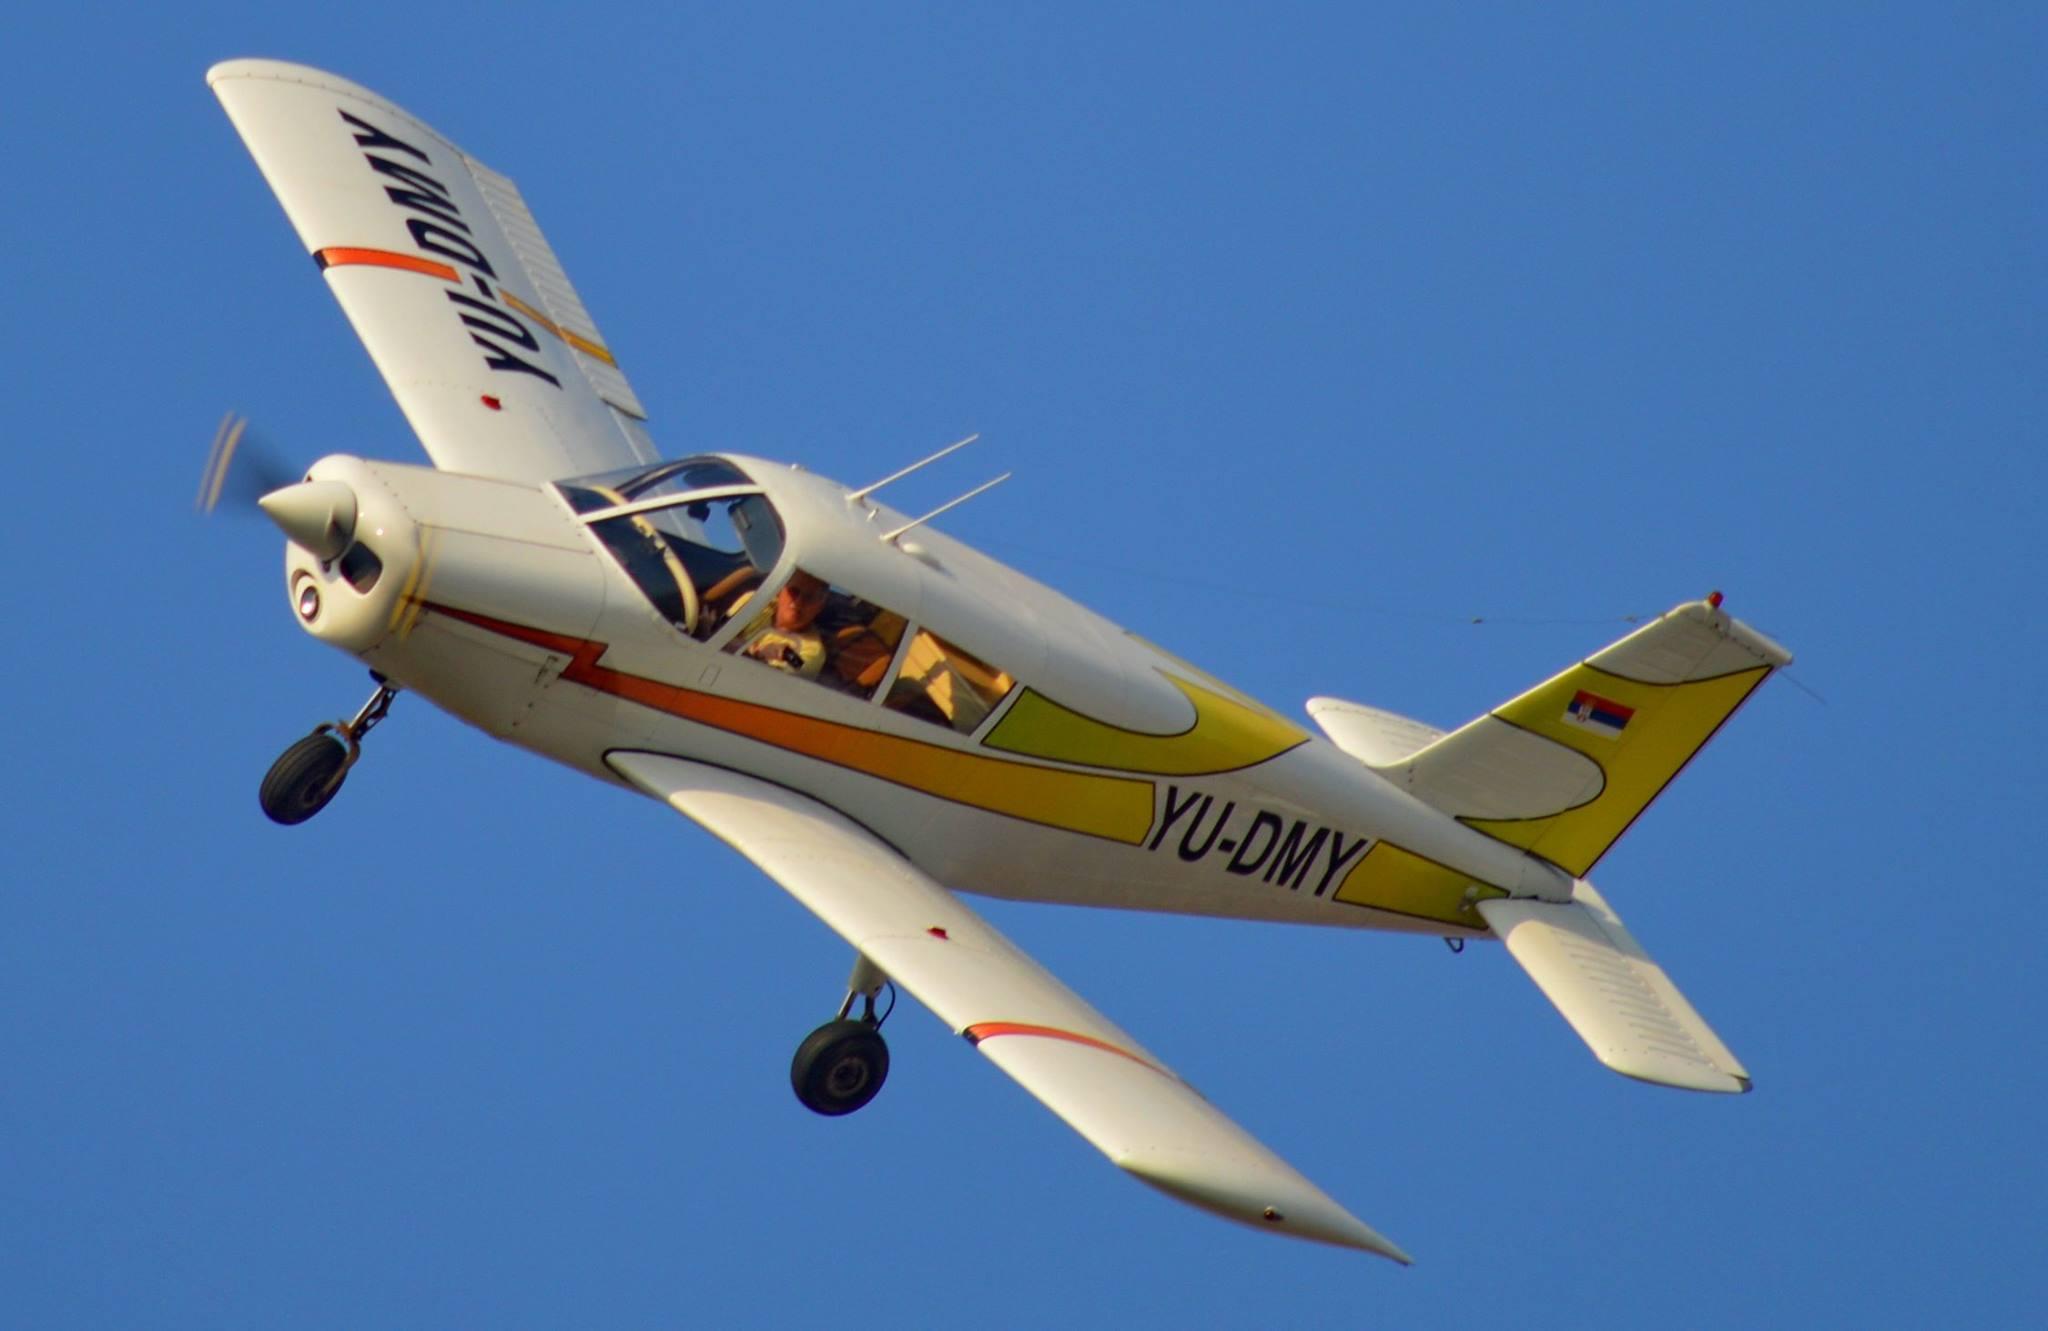 Piper je proizveden 1965. godine